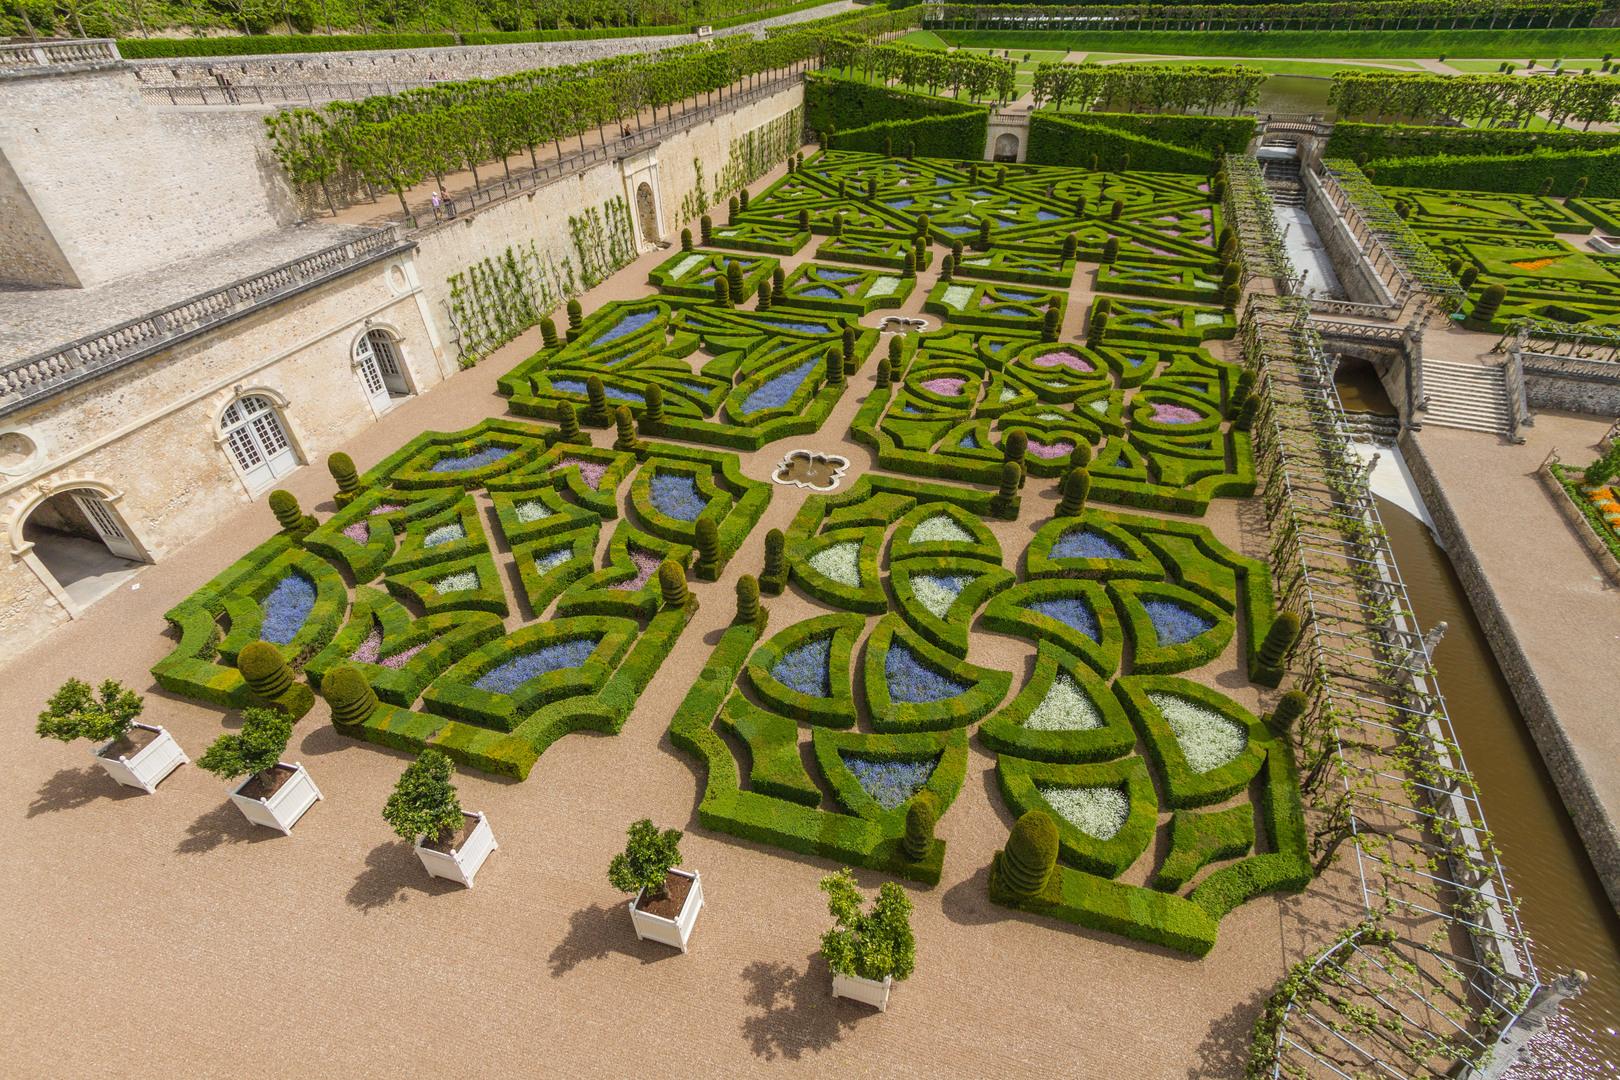 Comment faire son propre jardin la fran aise Le jardin francais